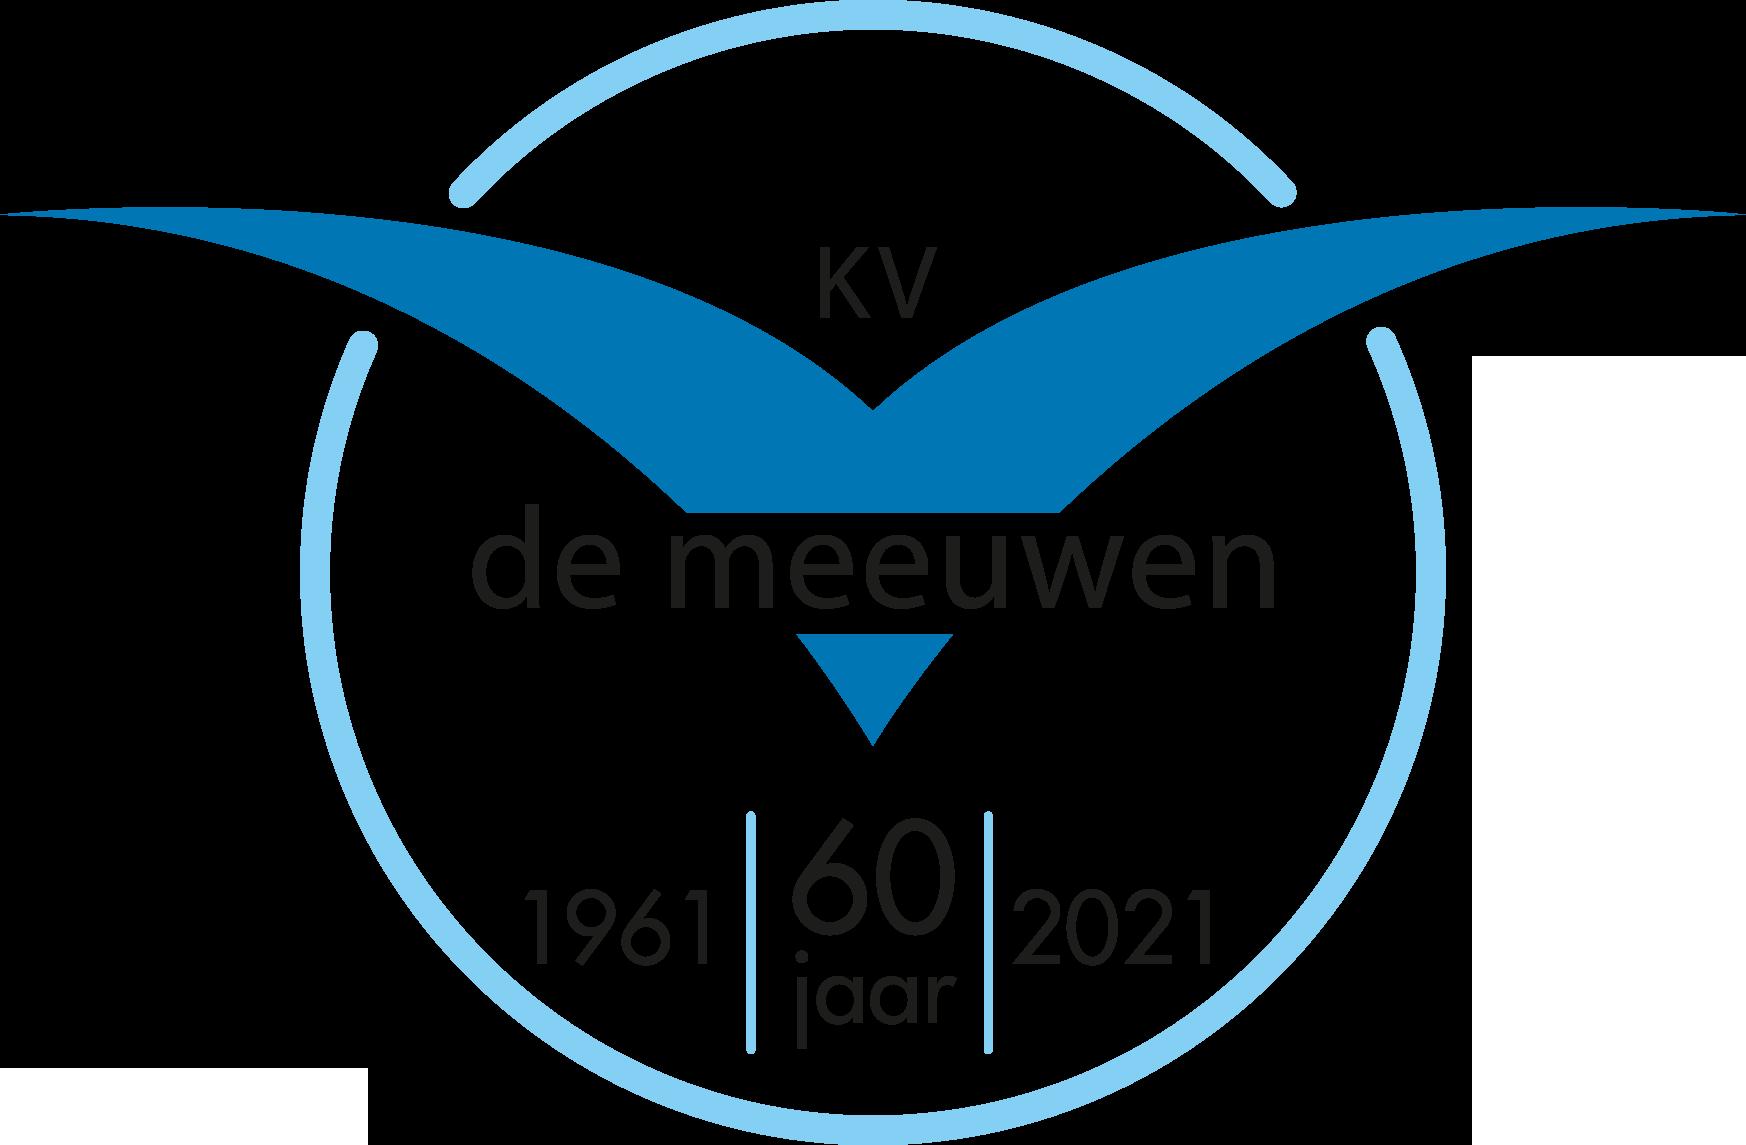 KV De Meeuwen | Korfbalvereniging Putten